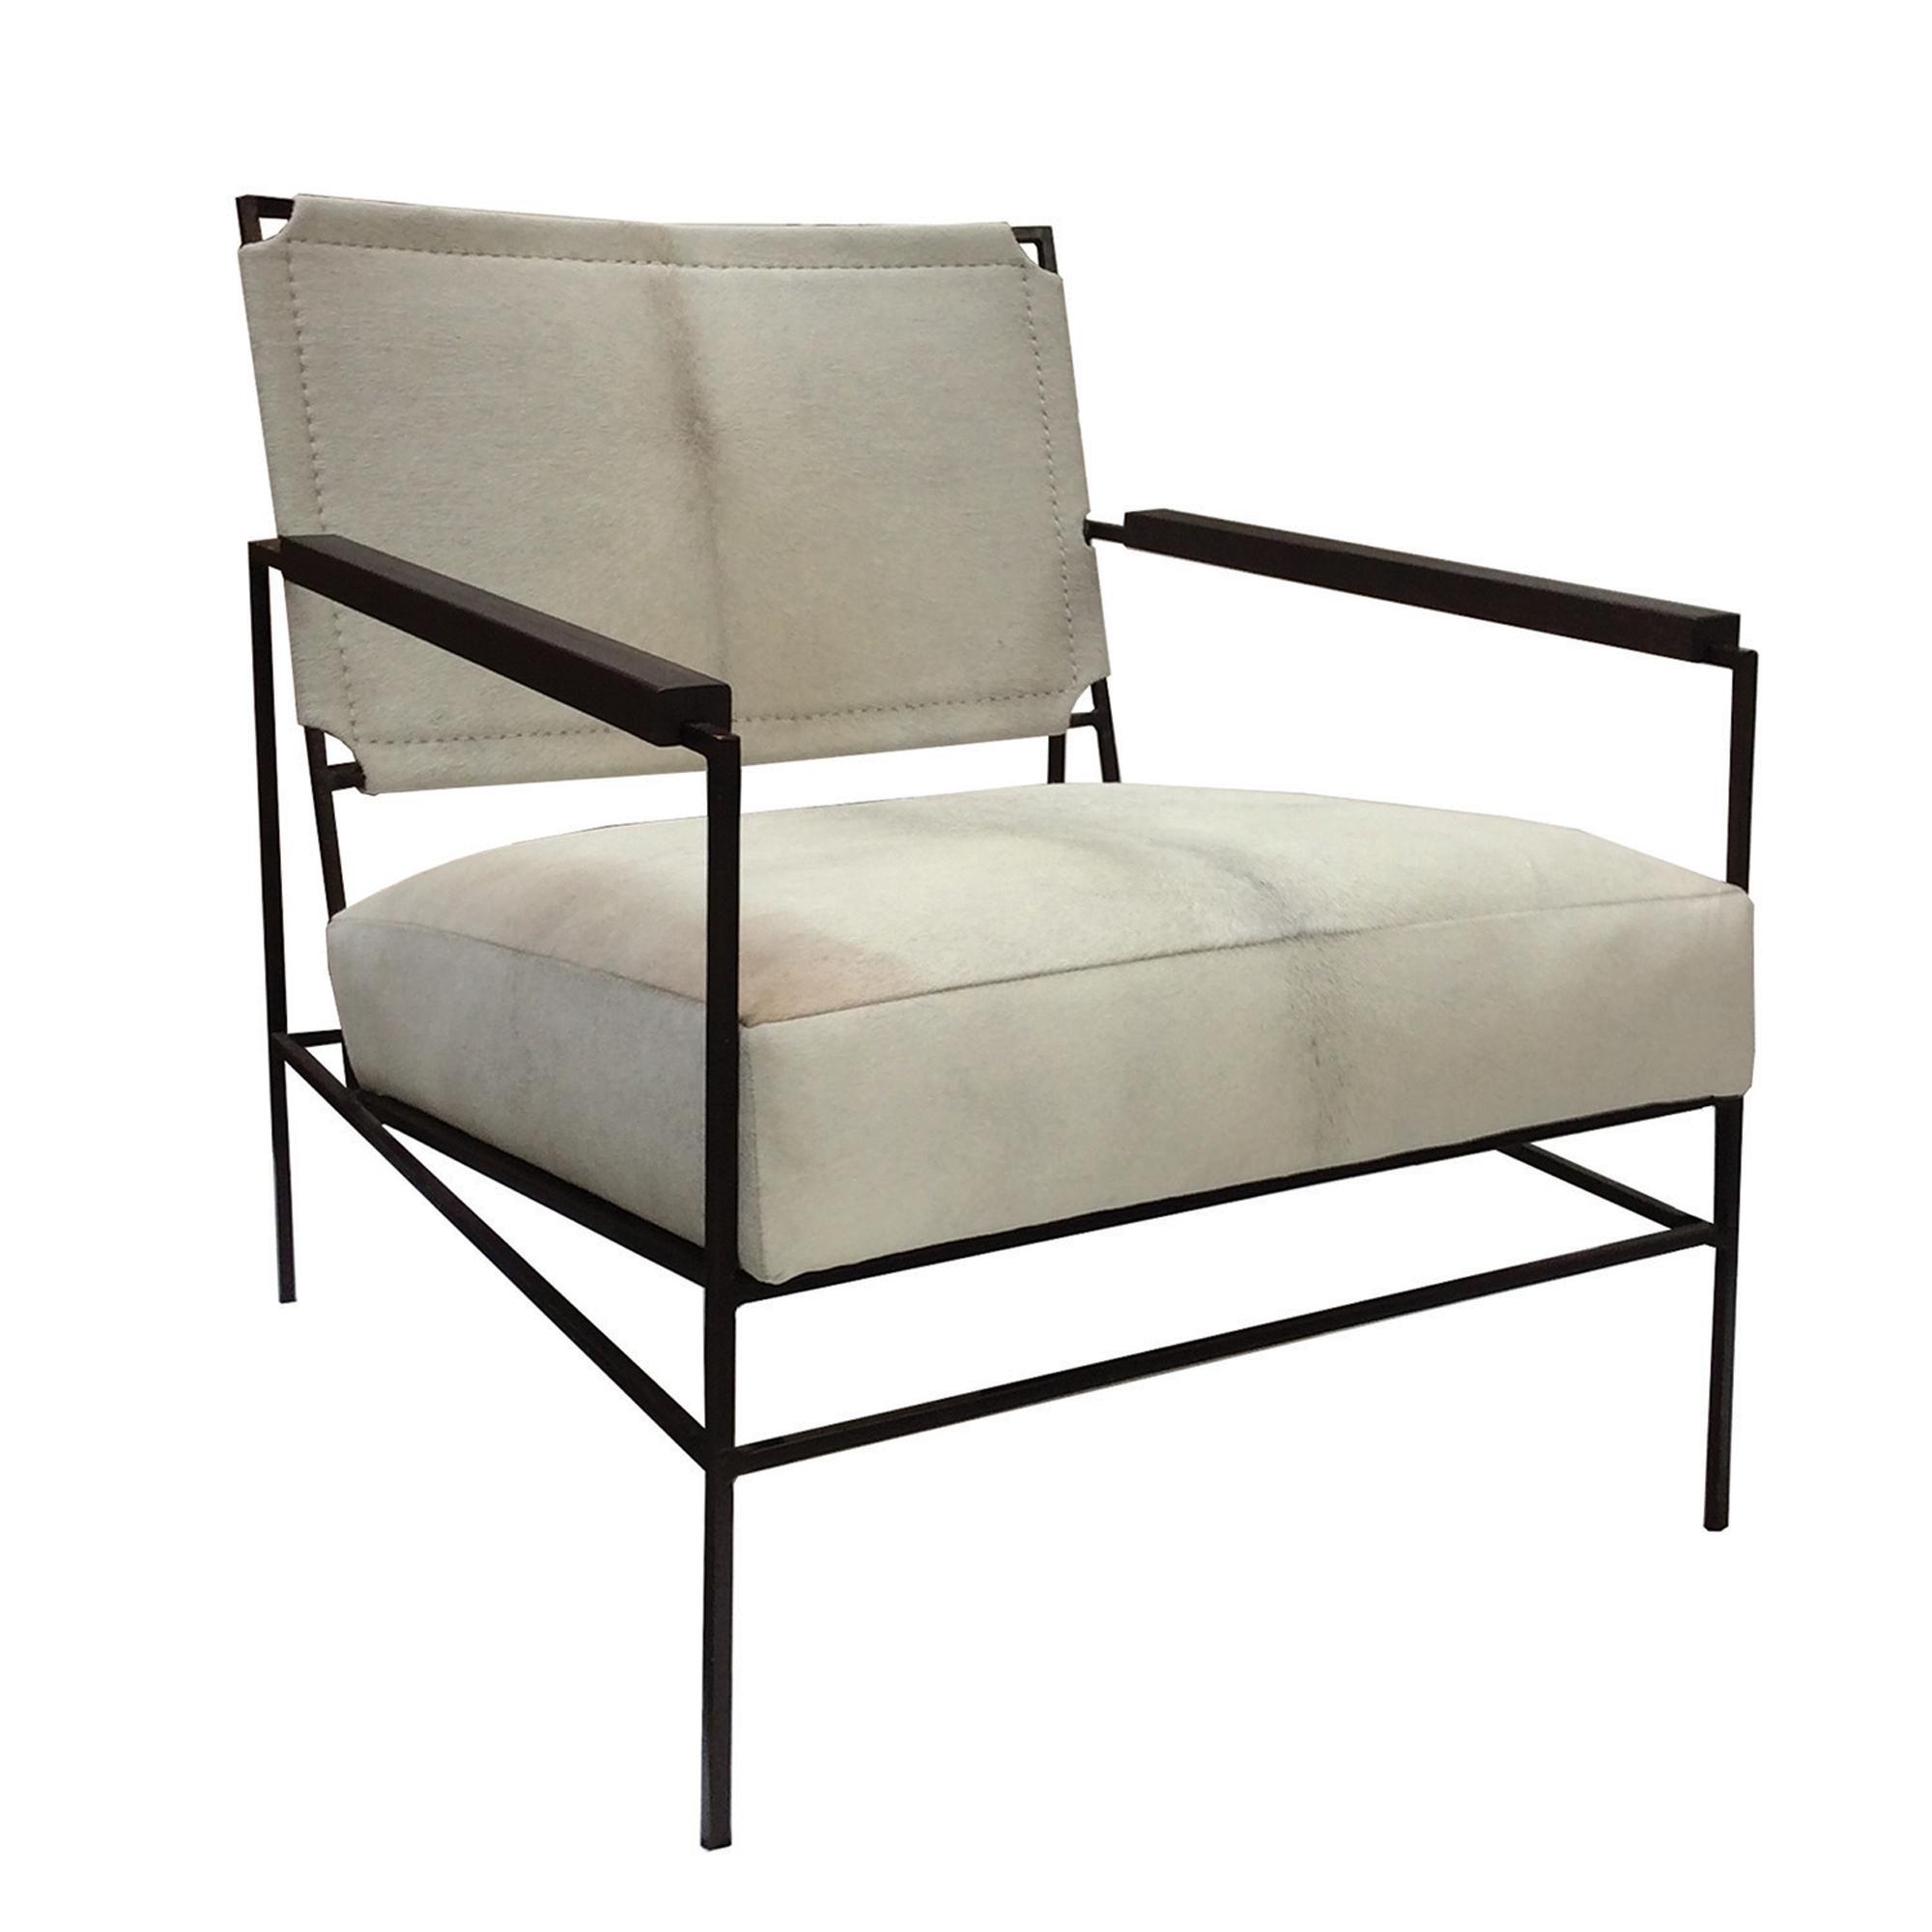 Anders_Hair-On-Hide_Chair_Oly.jpg